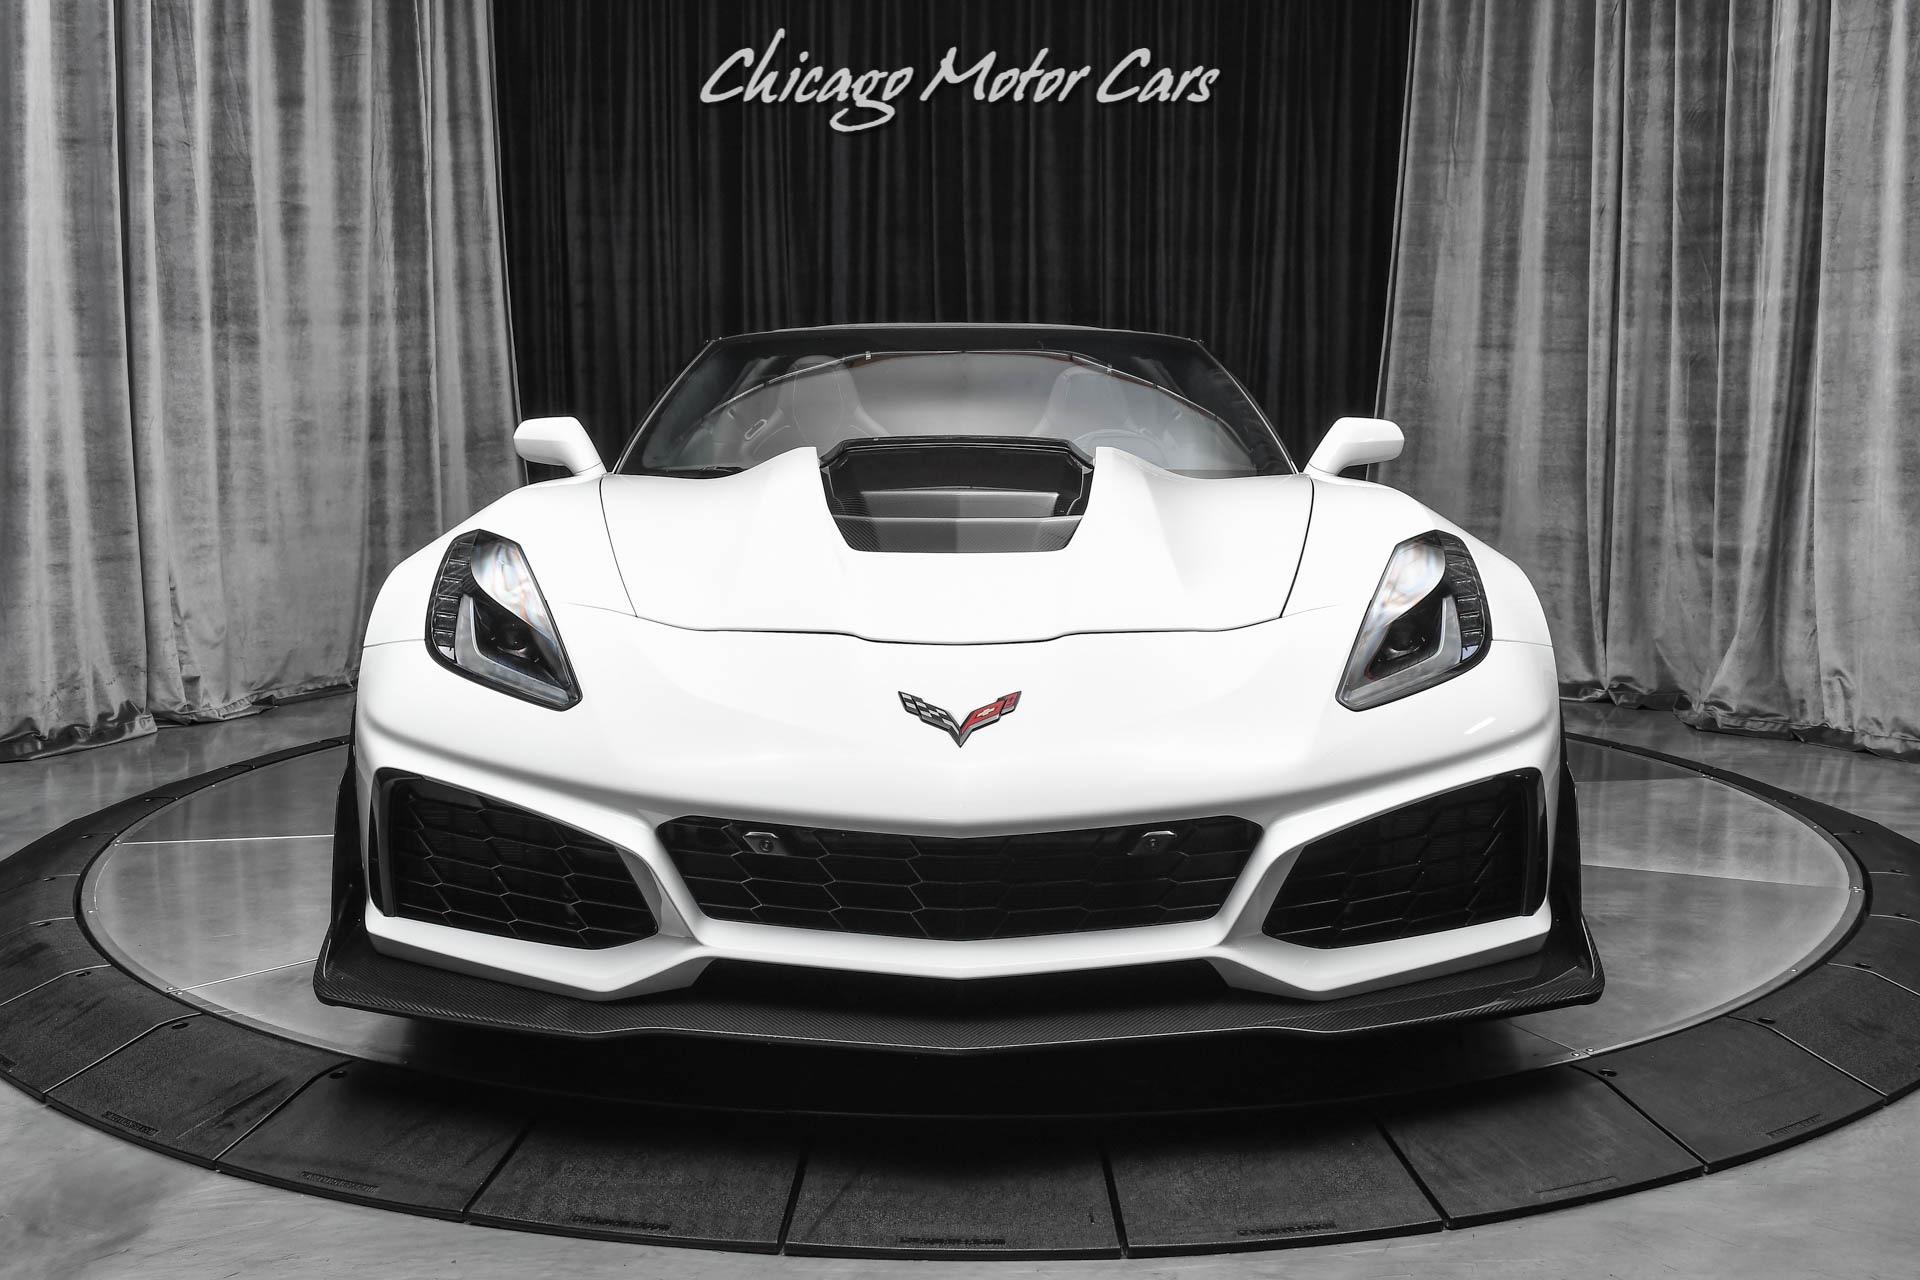 Used-2019-Chevrolet-Corvette-ZR1-3ZR-1200HP-MONSTER-9-SEC-CAR-LOW-MILES-1-OWNER